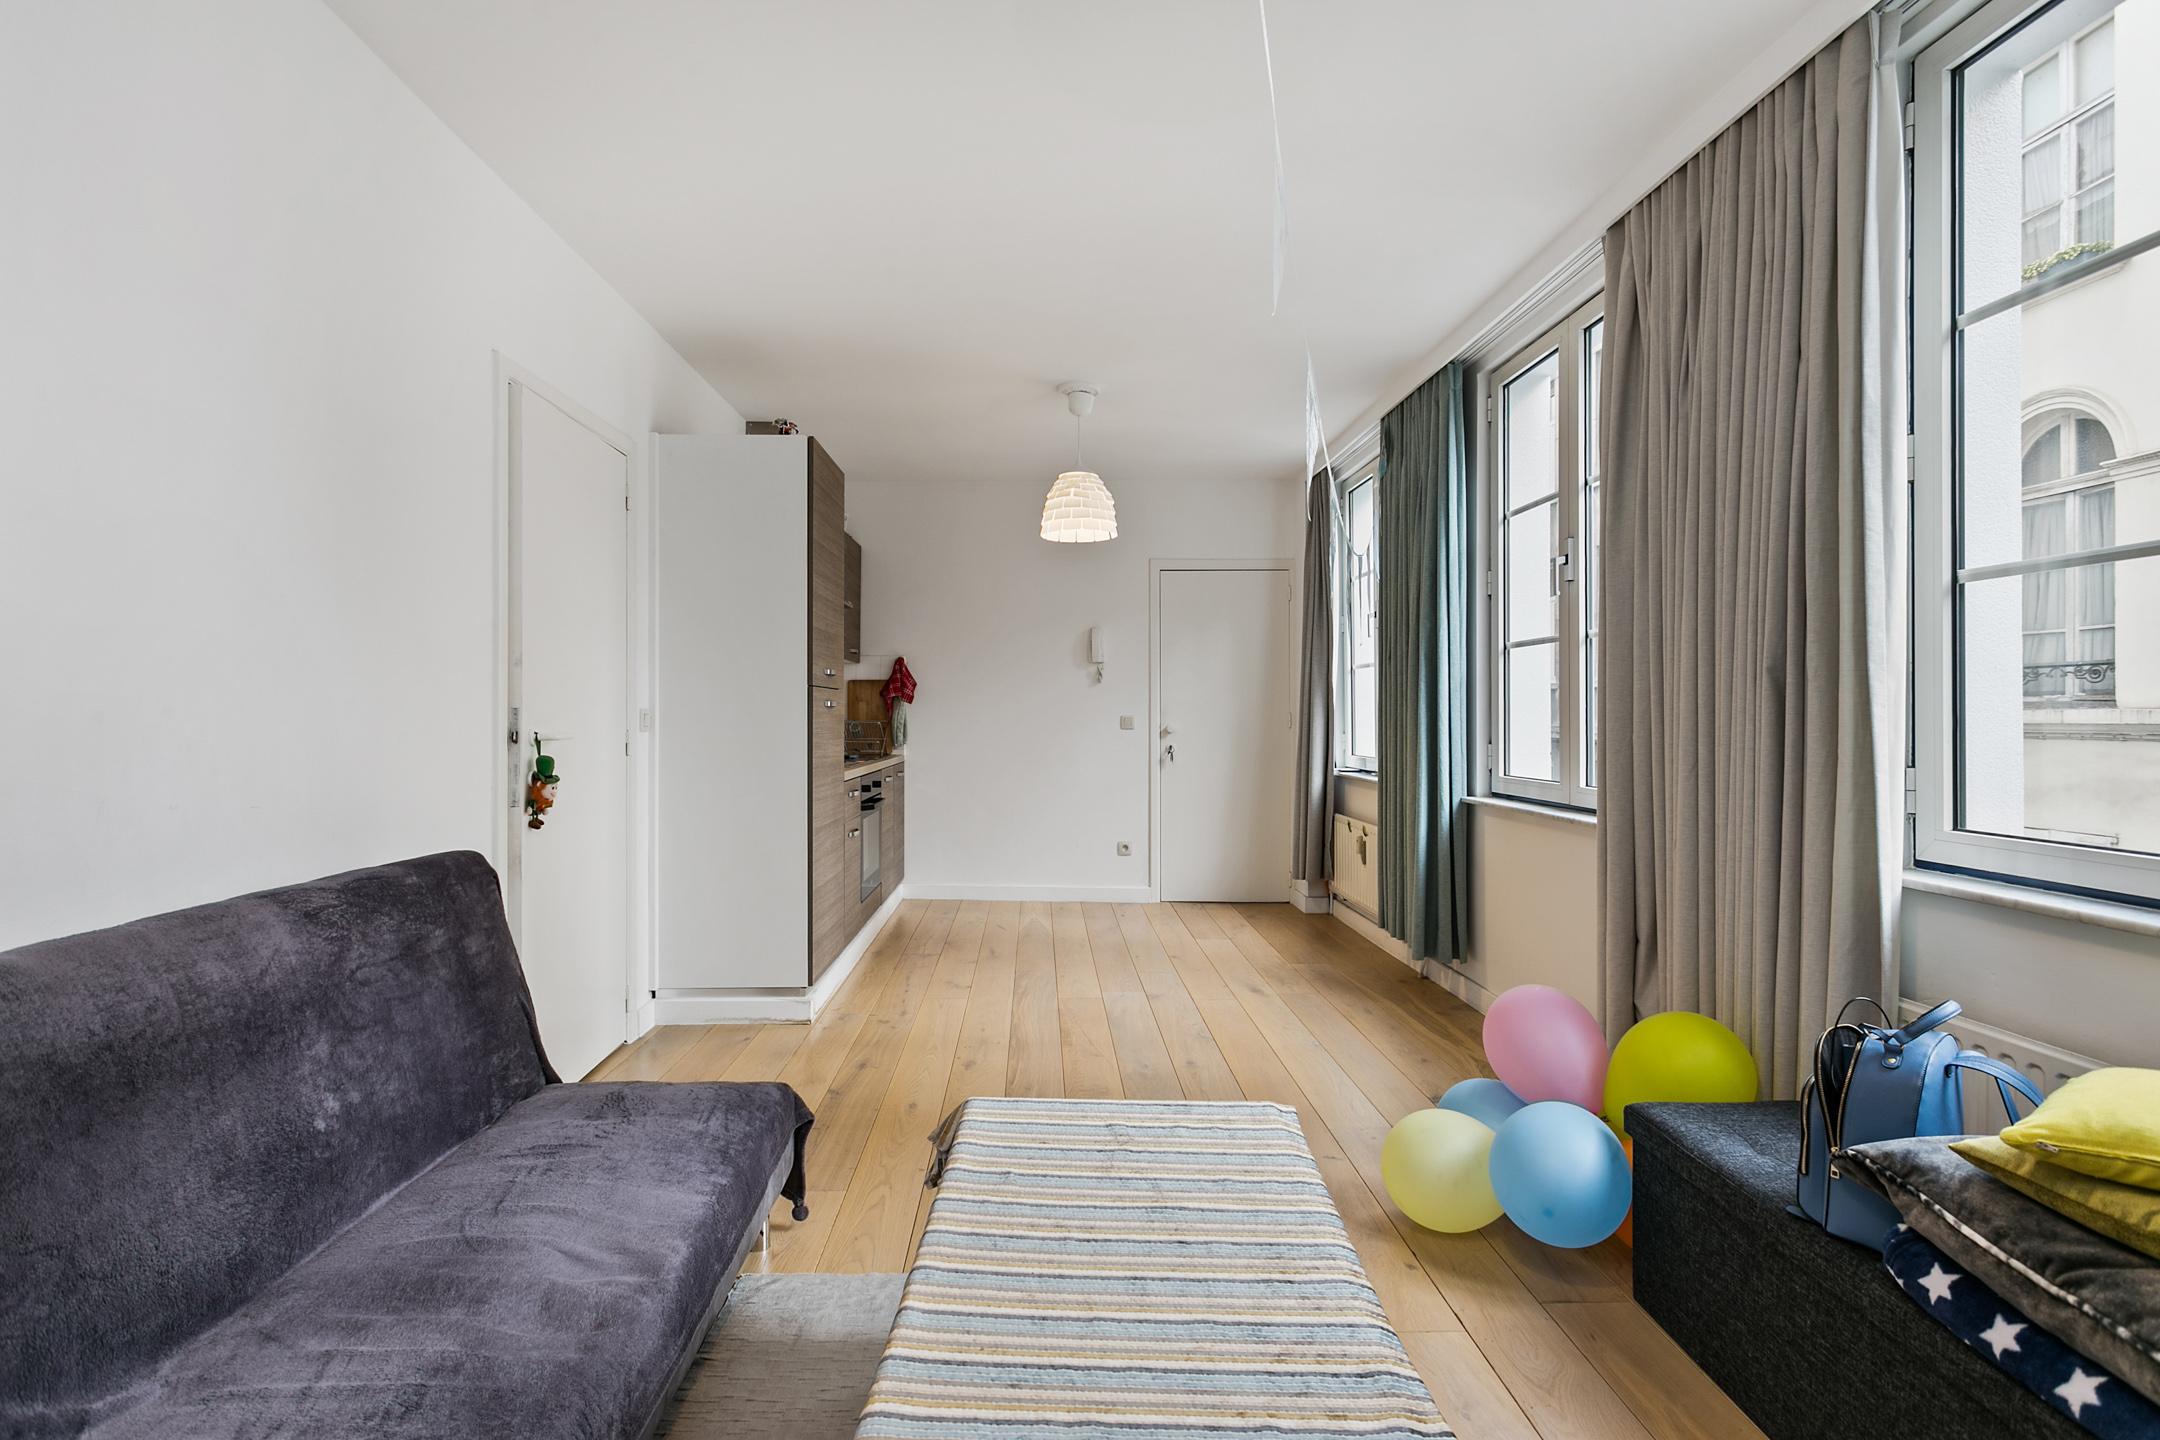 Neon vastgoed immo te koop appartement antwerpen for Immo antwerpen te koop